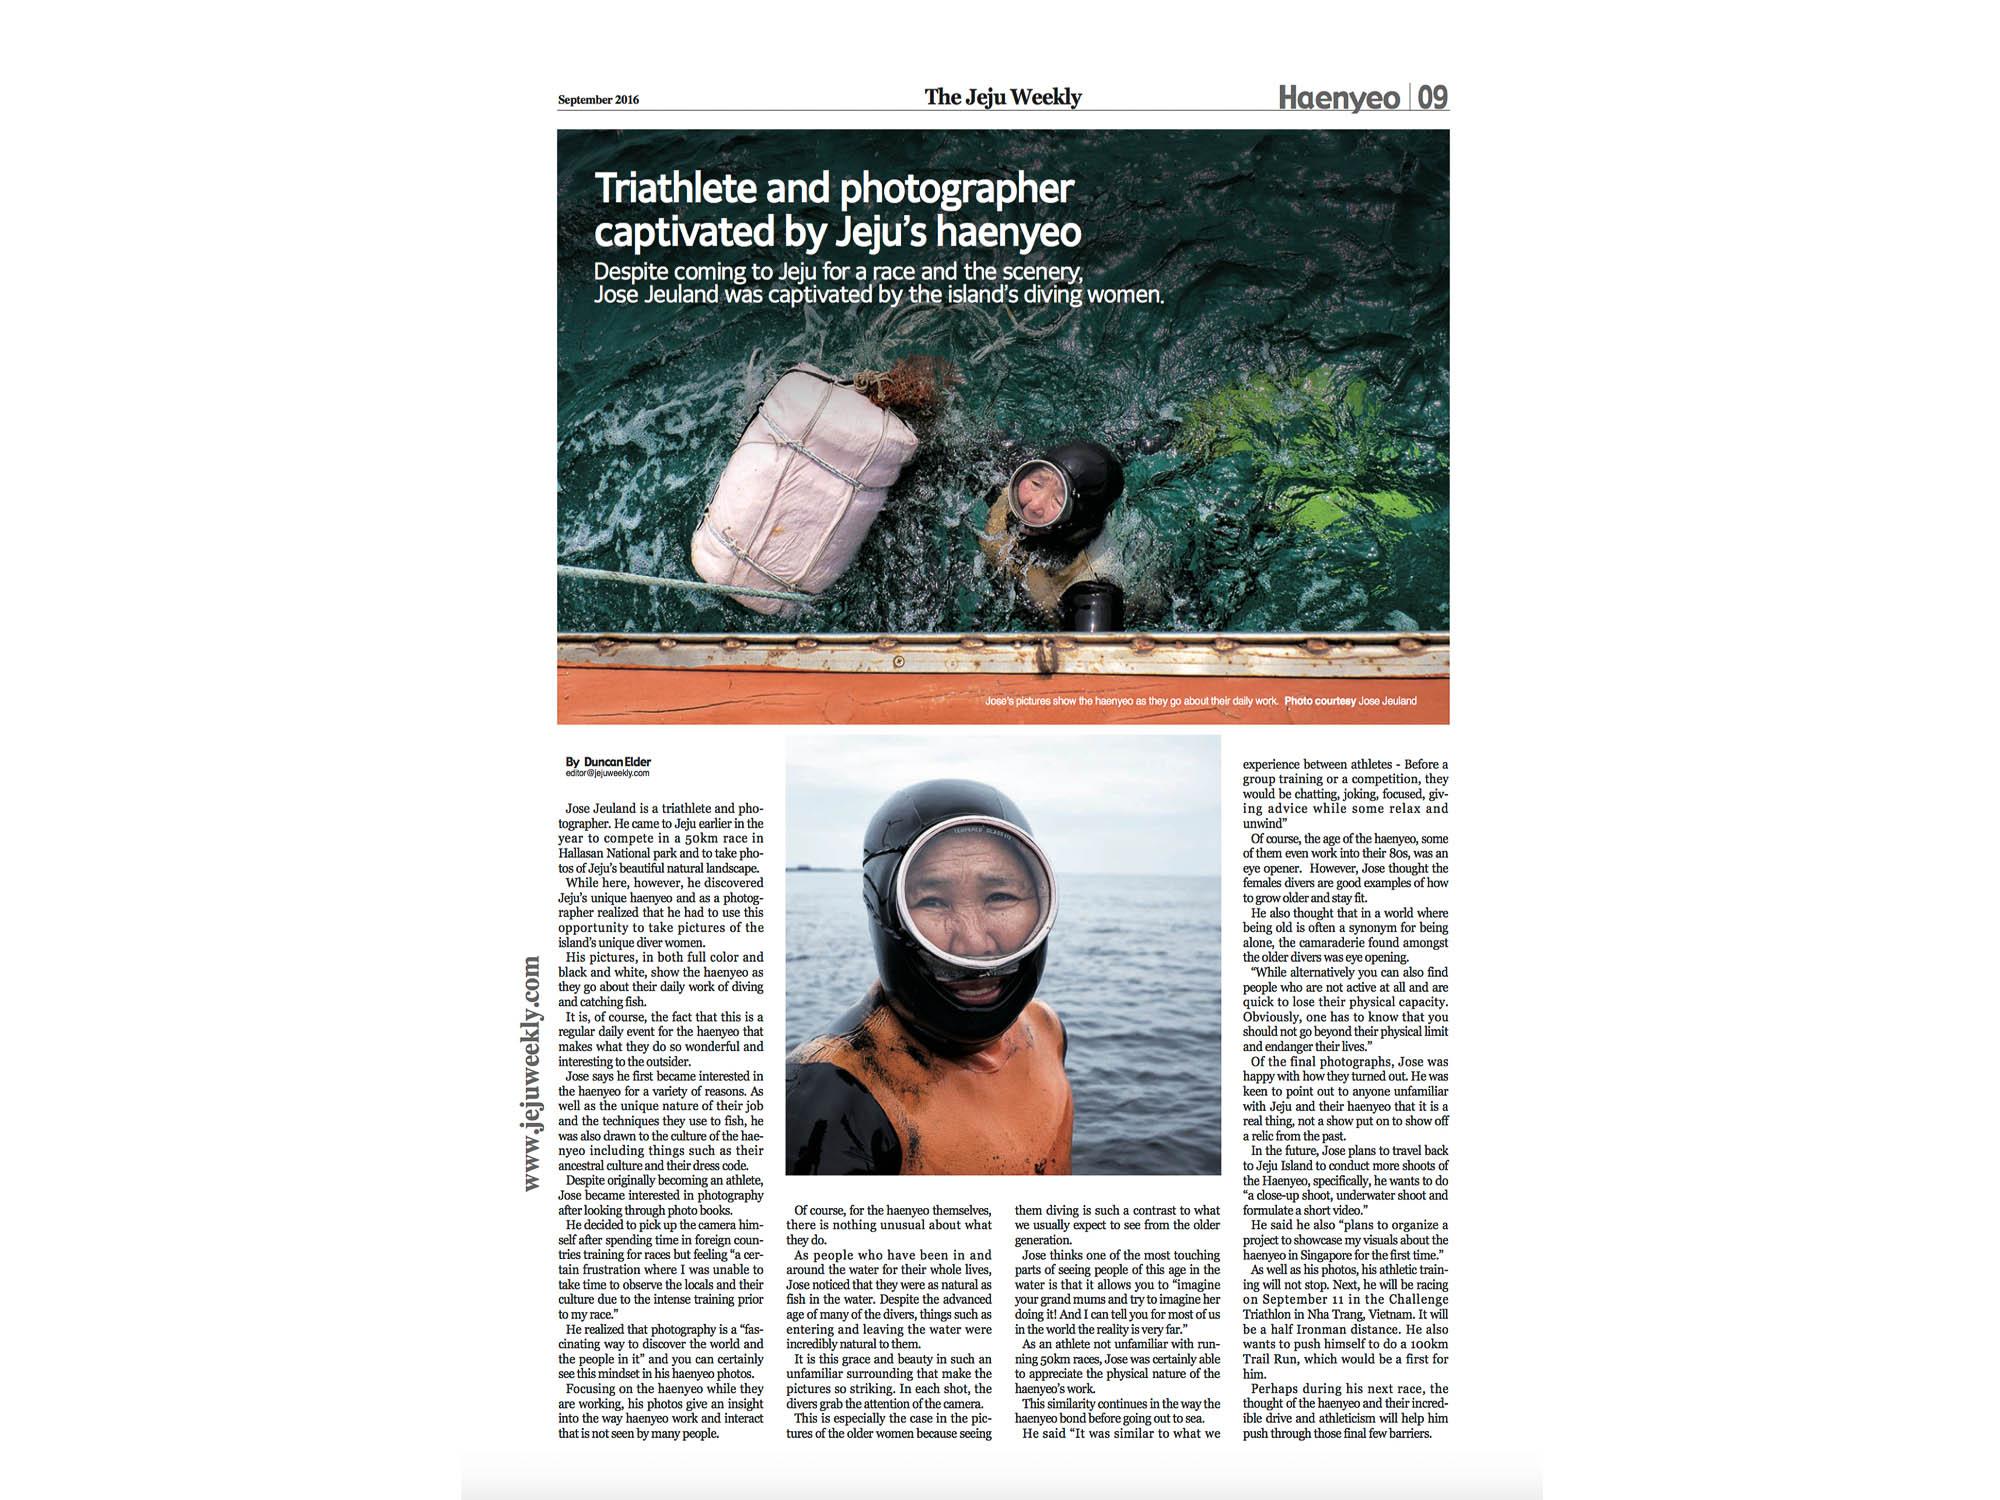 Jose Jeuland Triathlete Photographer The Jeju Weekly newspaper Haenyeo article